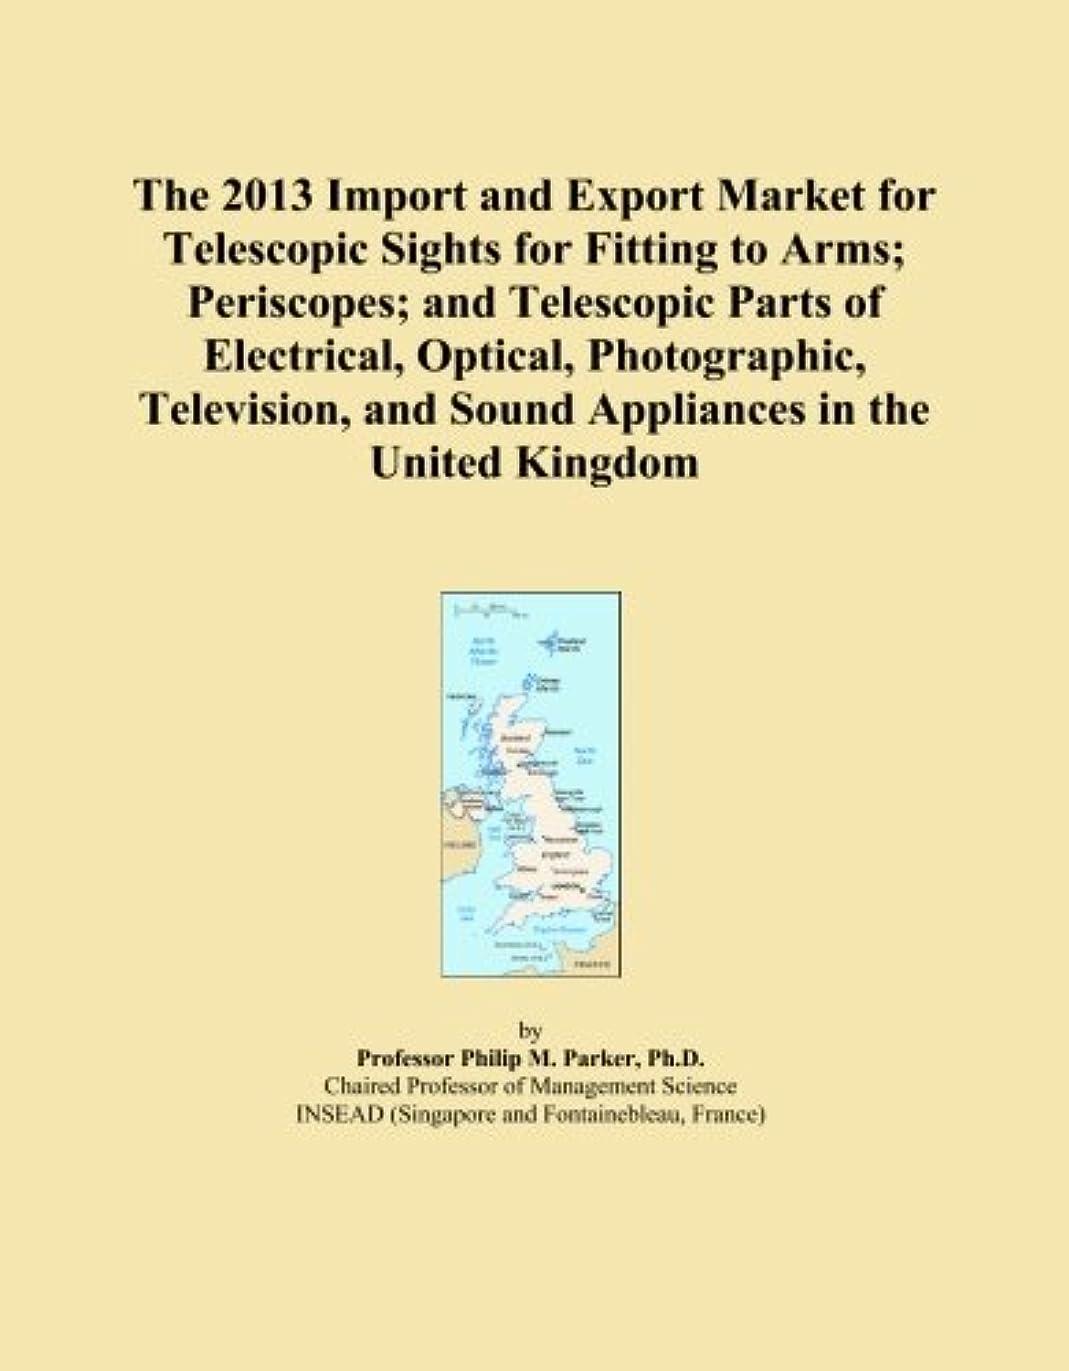 カエル光沢体細胞The 2013 Import and Export Market for Telescopic Sights for Fitting to Arms; Periscopes; and Telescopic Parts of Electrical, Optical, Photographic, Television, and Sound Appliances in the United Kingdom